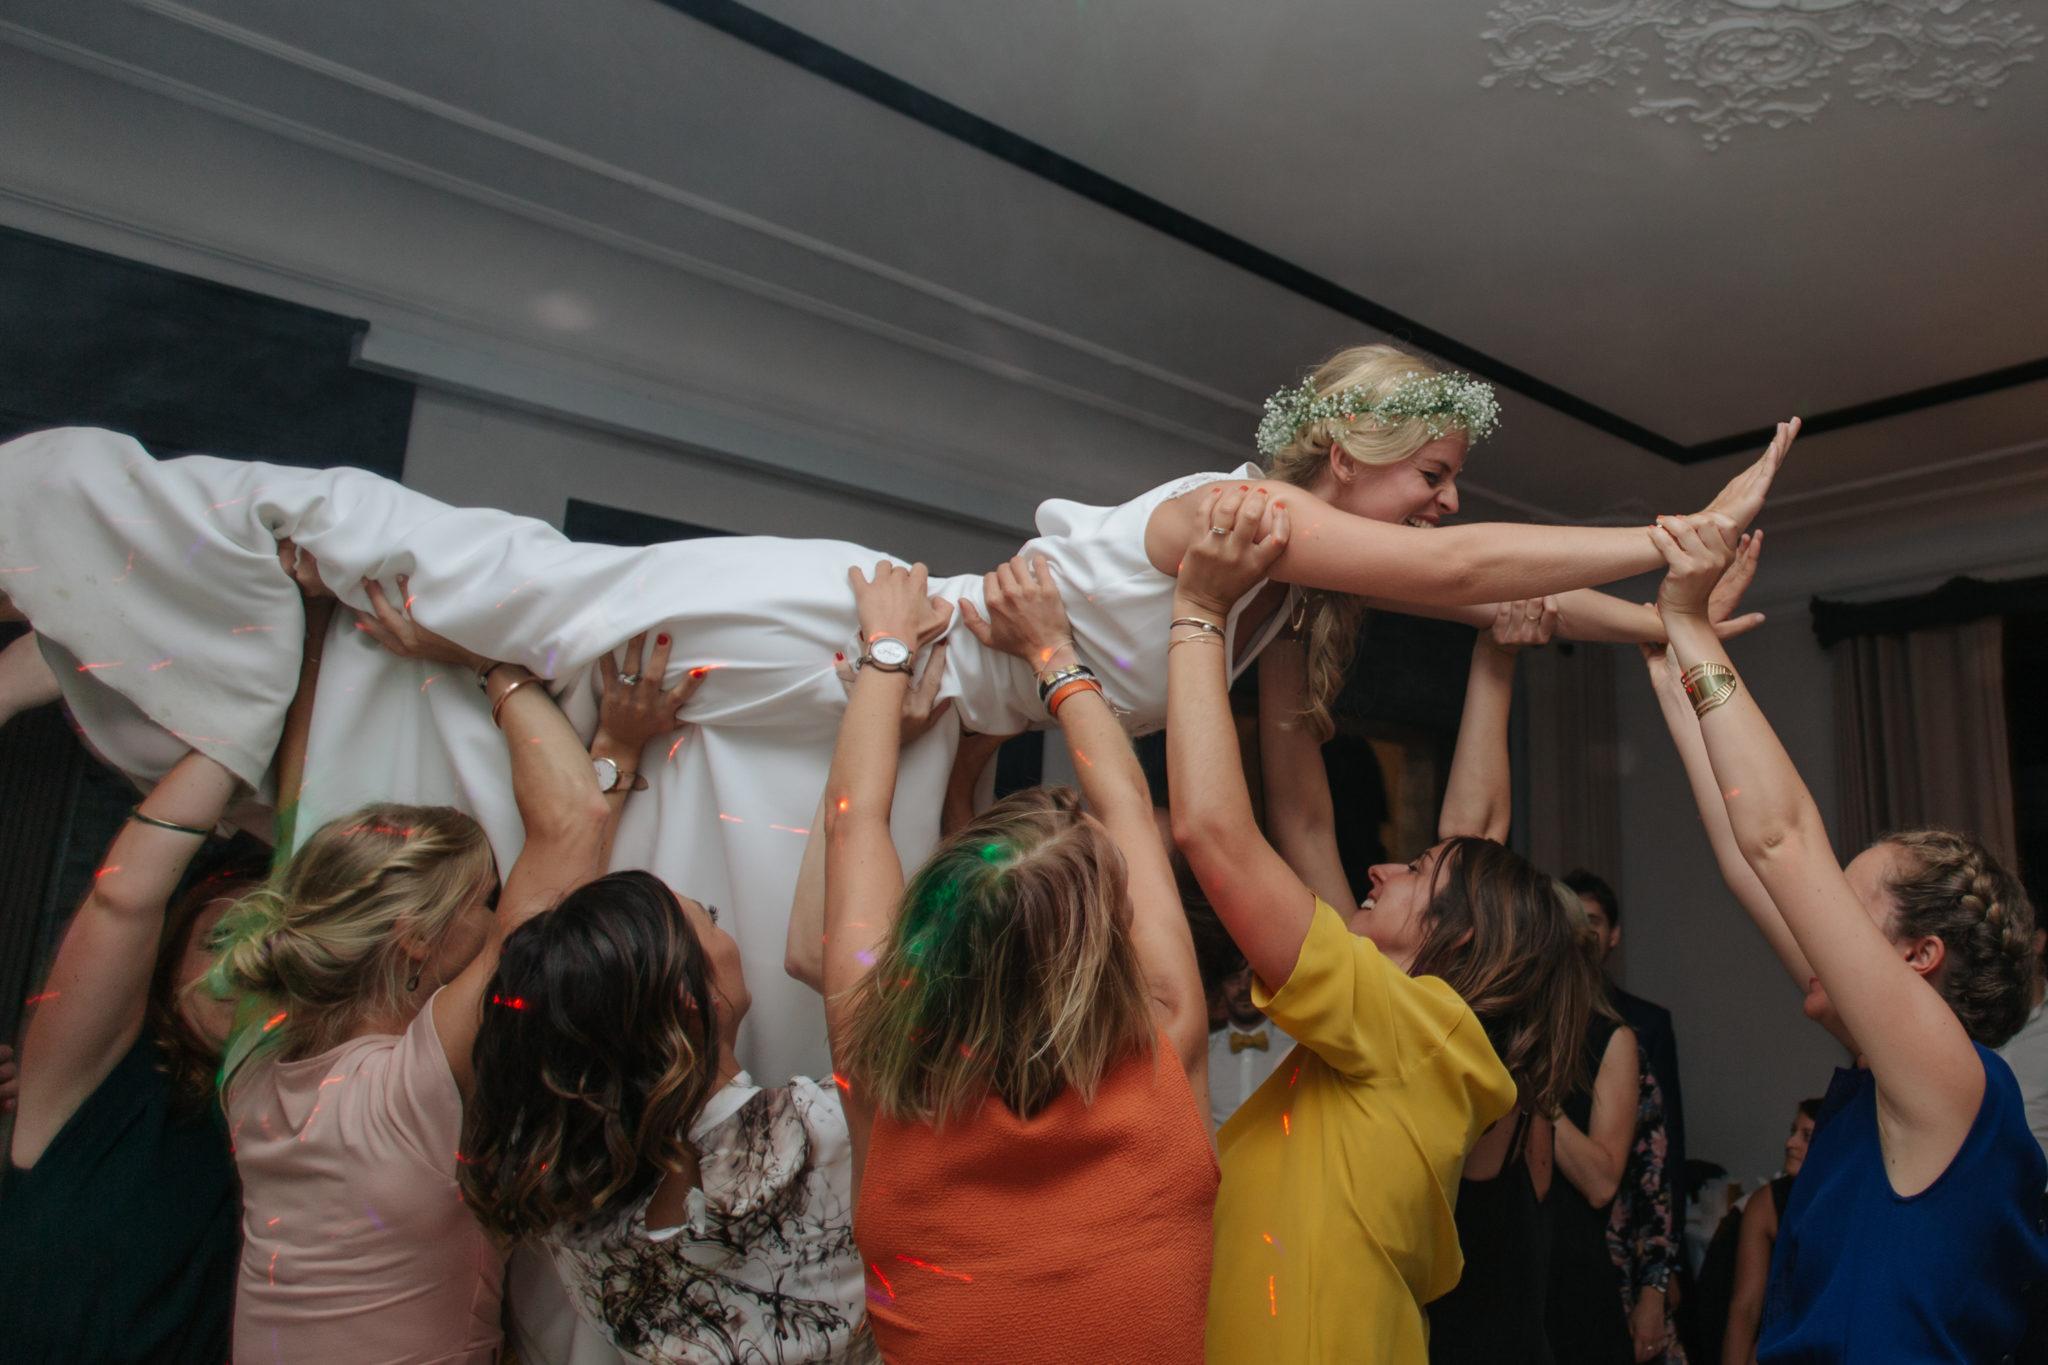 Dancefloor mariage Dirty Dancing Domaine Laumondiere Bagnoles de l'Orne